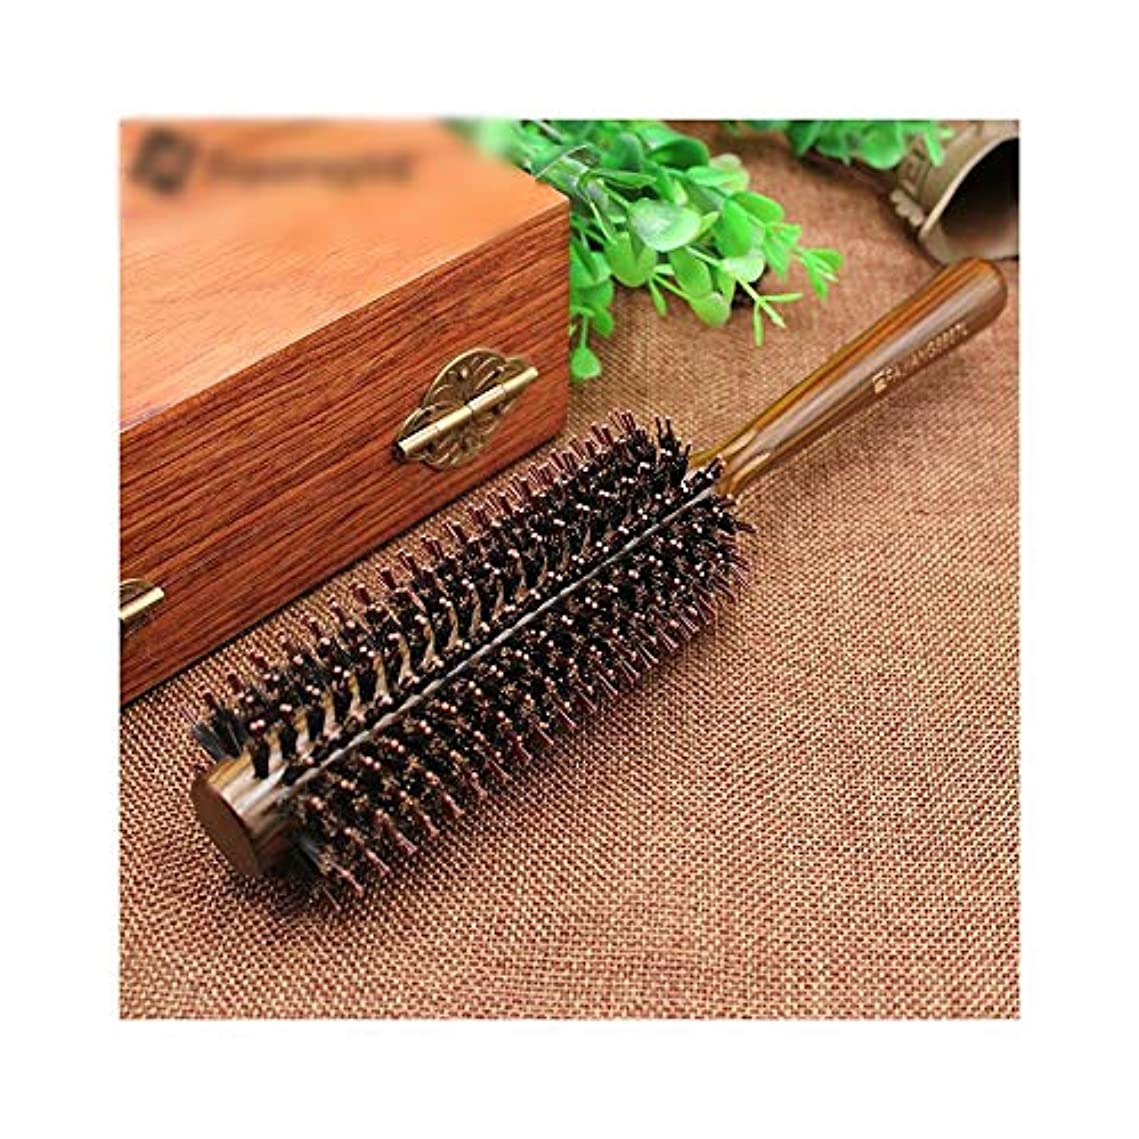 謝罪するパリティ支出WASAIO ヘアーサロンの毛の設計のための毛のブラシの転がり櫛シリンダー木のハンドルの櫛 (サイズ : S)